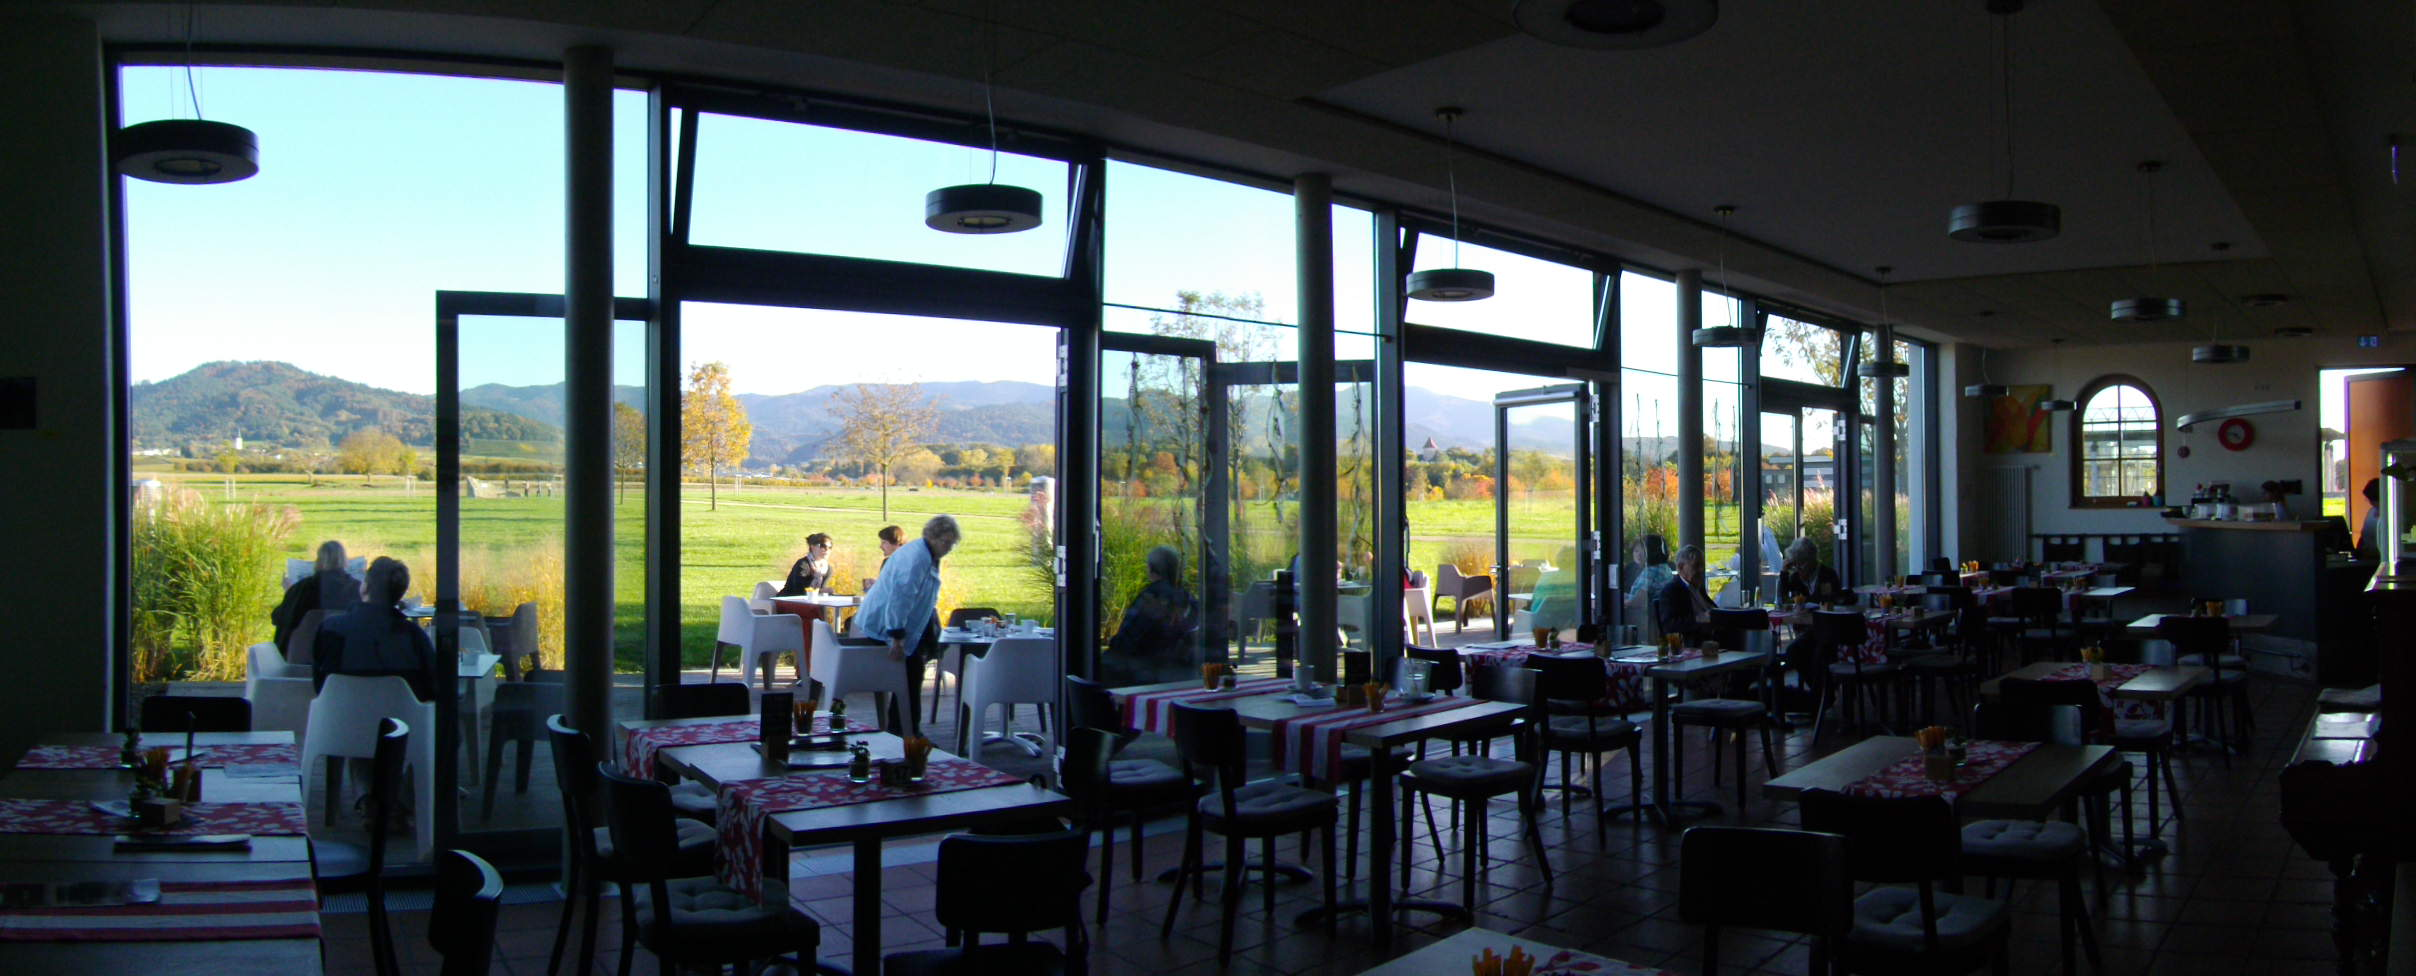 Café Artis (Heitersheim) im Herbstlicht